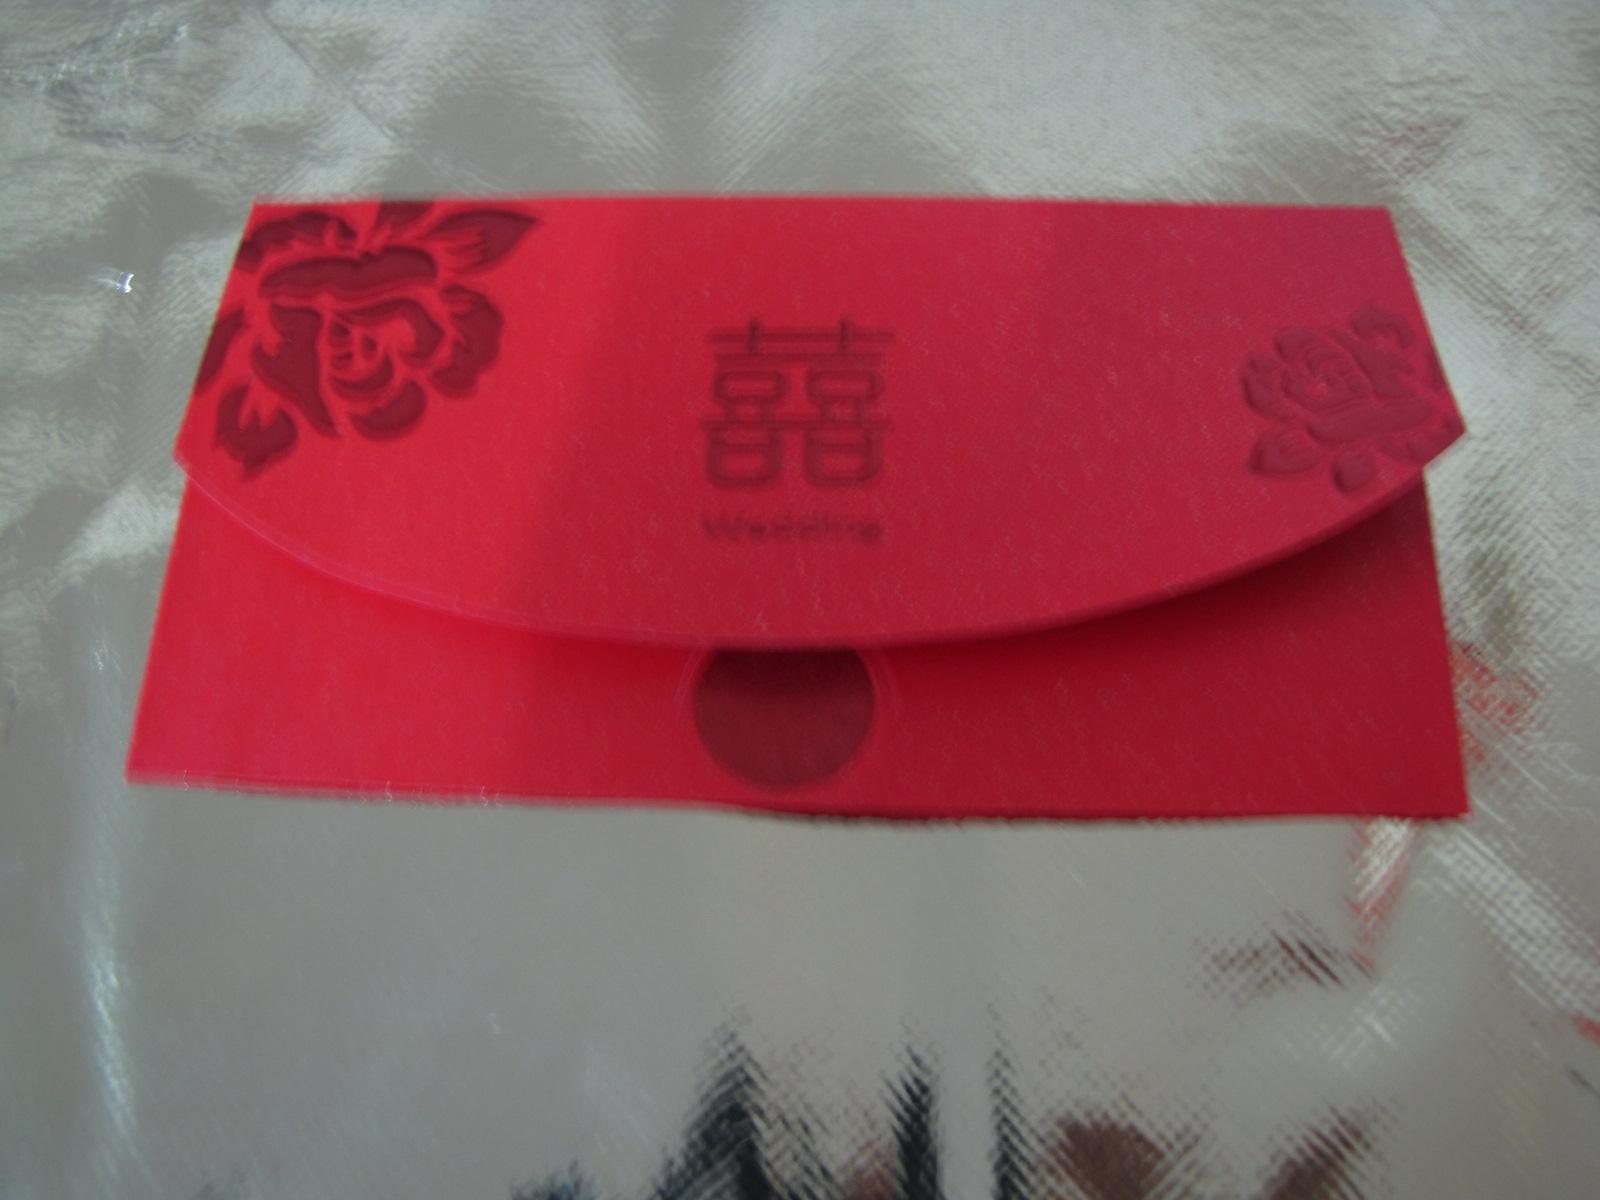 定做红包 广告红包/特种纸烫红金 红包利是封 9X17